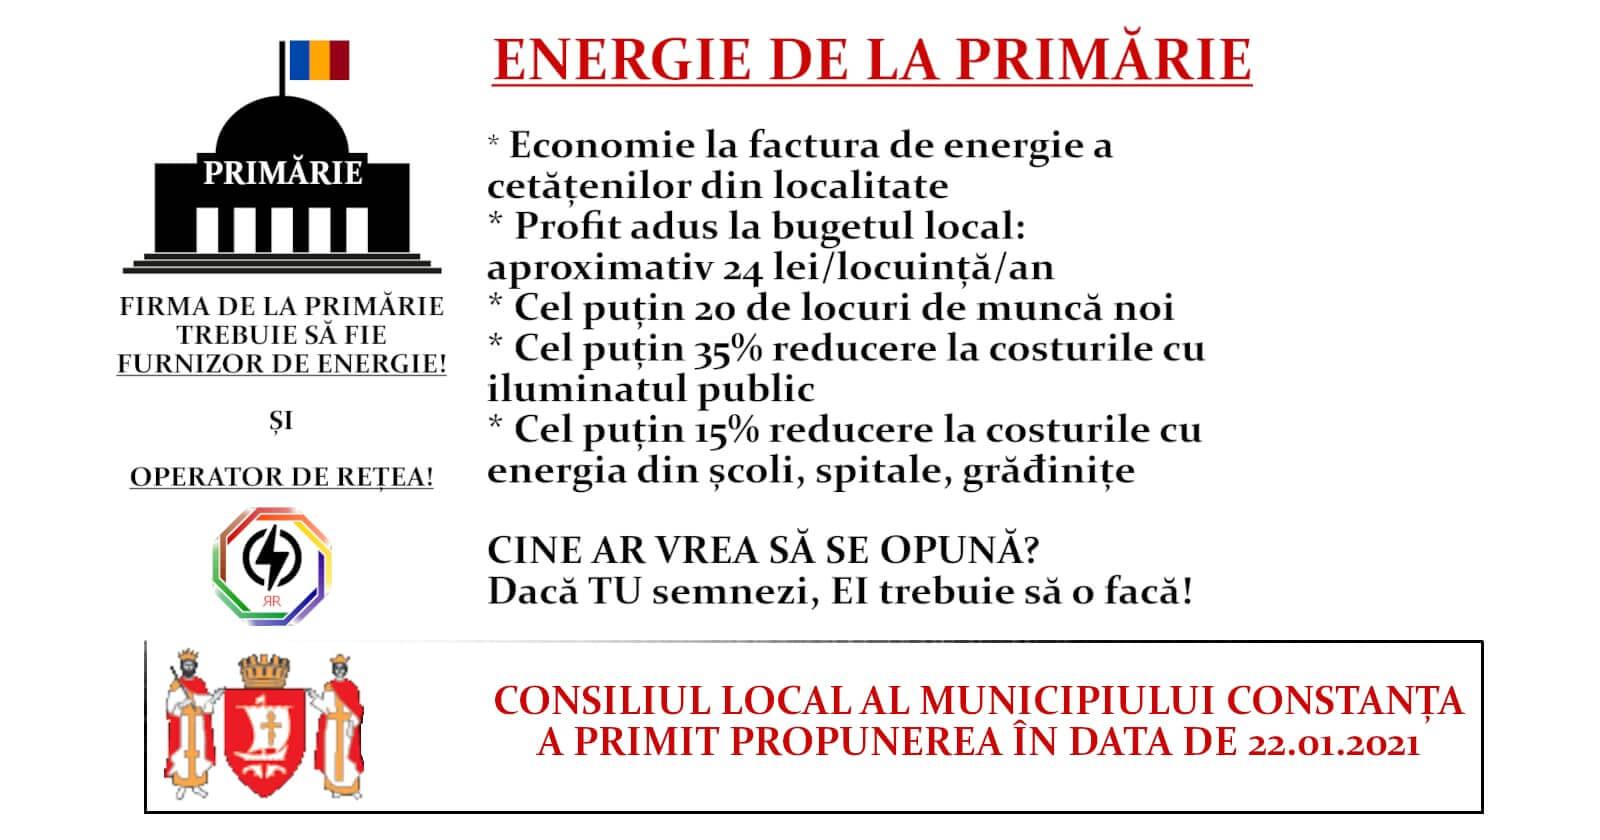 Solicitarea adresată Consiliului Local al Municipiului Constanța